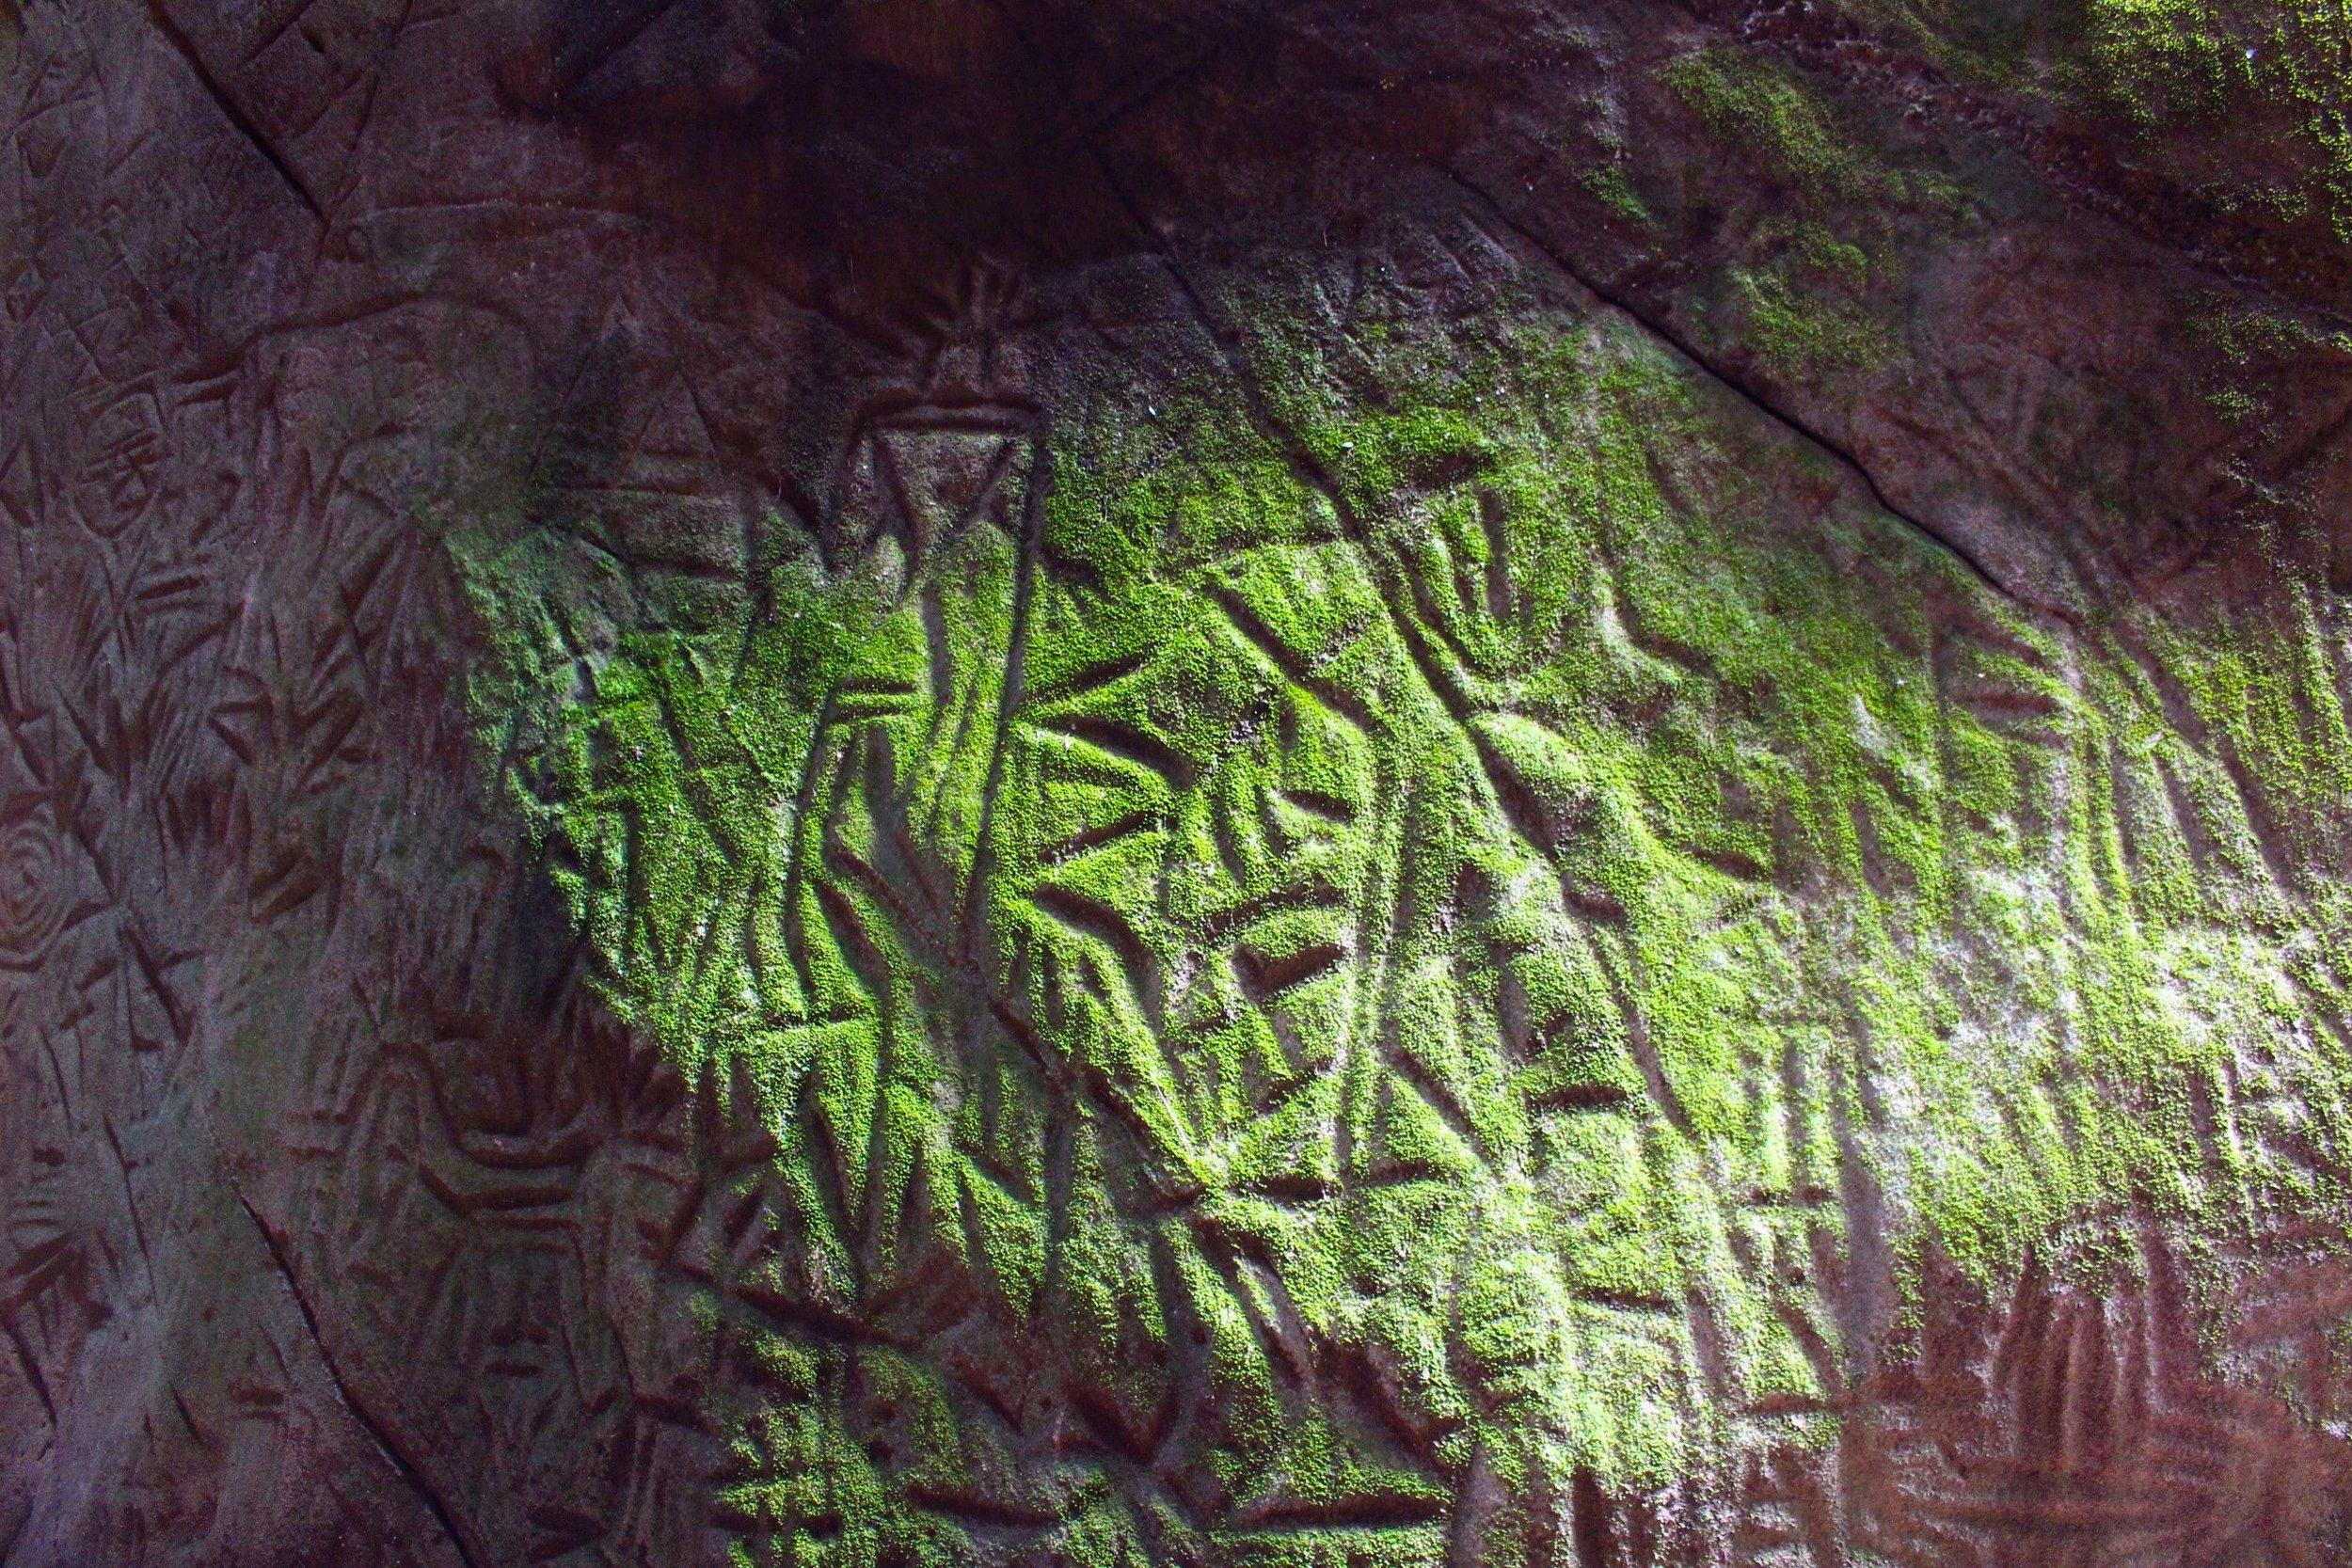 eddakal-caves-gravures-wayanad.JPG